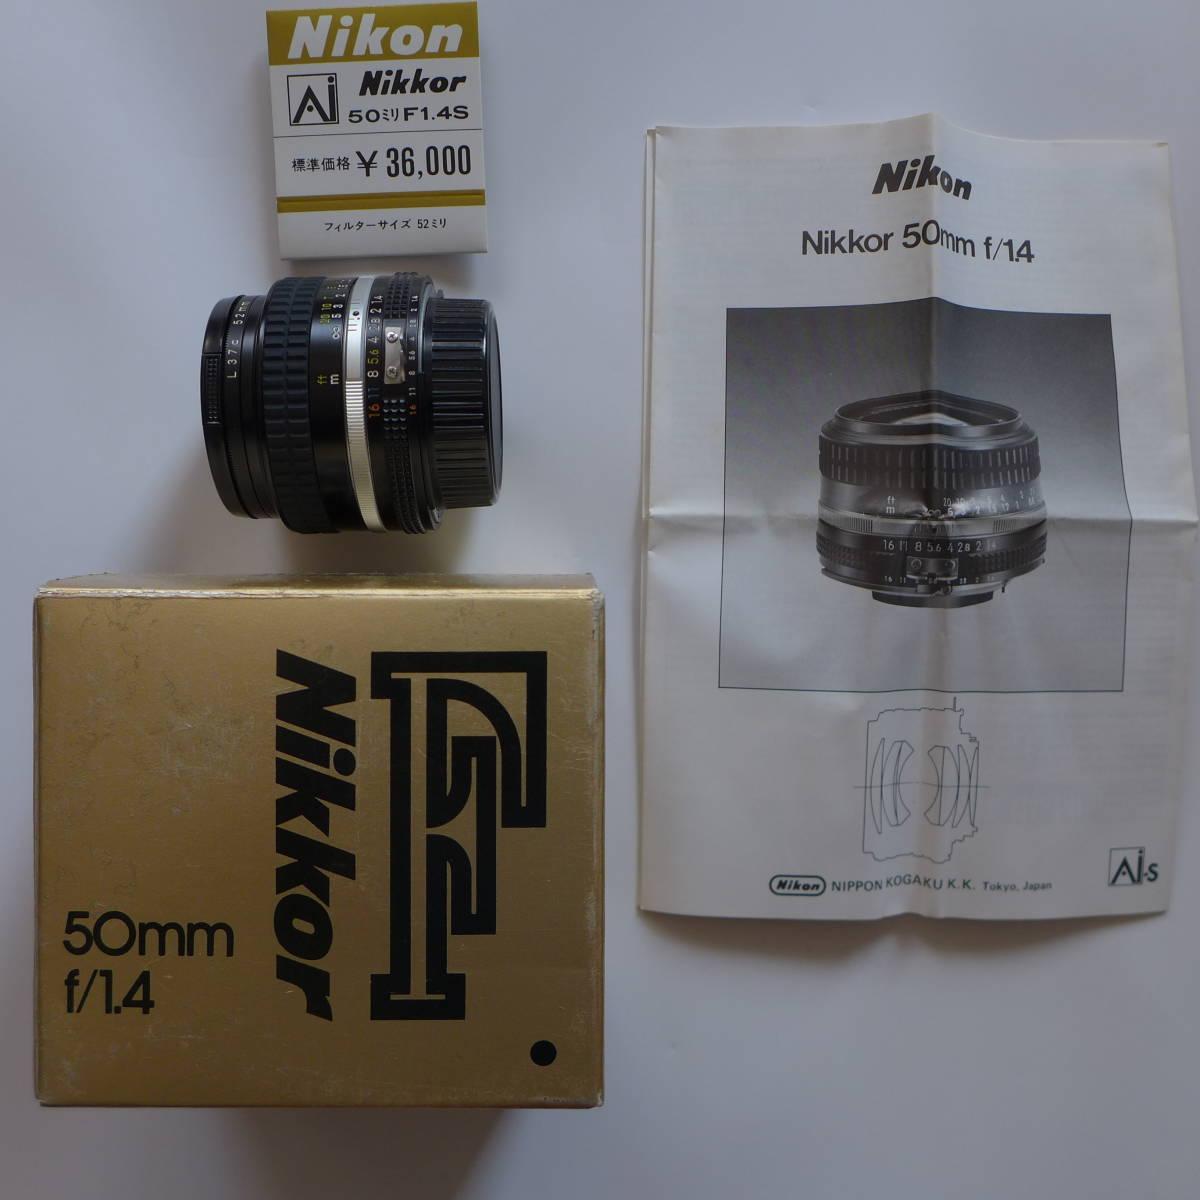 ニコン Nikon Ai NIKKOR 50mm 1:1.4S 標準レンズ 美品 Nikon製 52mm保護フイルター付き 送料無料